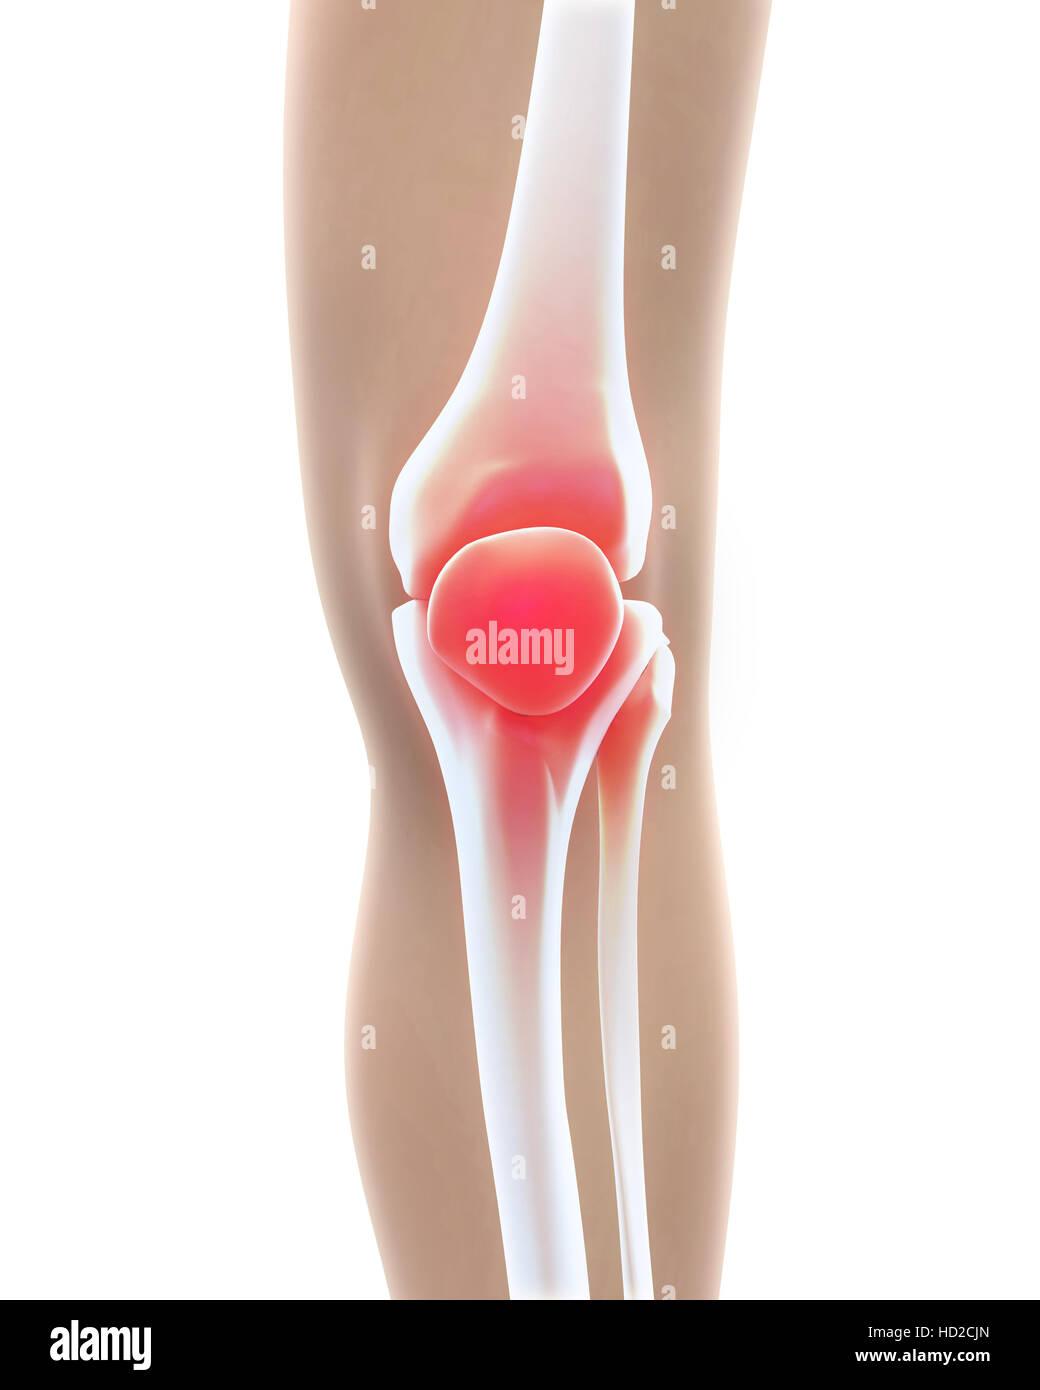 Anatomie der menschlichen Knie Stockfoto, Bild: 128516941 - Alamy